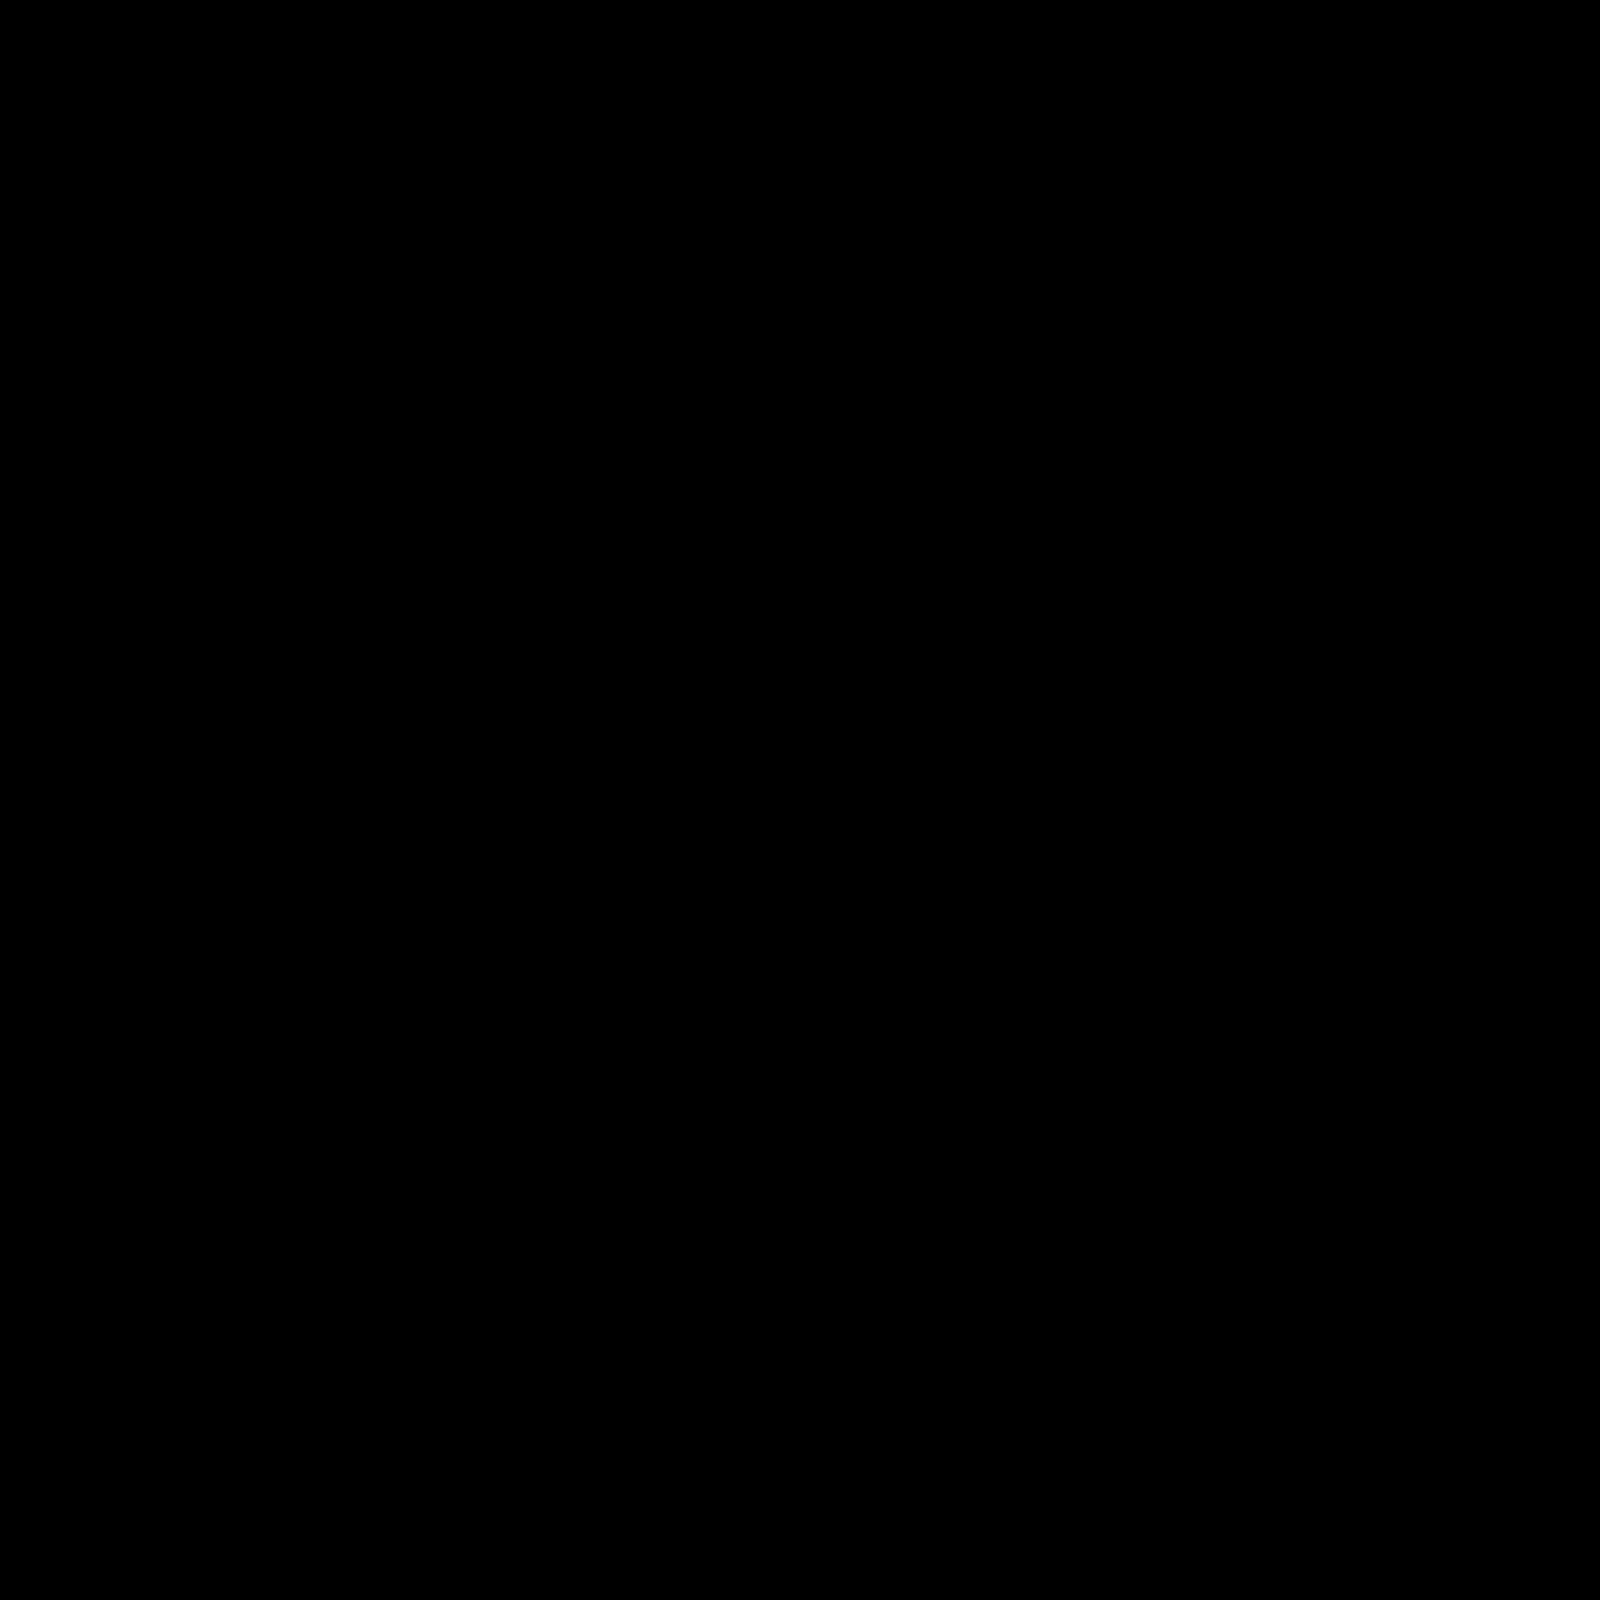 オリンピック 銅メダル icon. This icon is showing an Olympic medal that one would wear around their neck. It shows a large circle with a smaller circle inside of it. Inside both circles is the roman numeral three, which would indicate a medal for third place. On top of the circles are straight, crooked lines, indicating the strap one would wear around their neck.